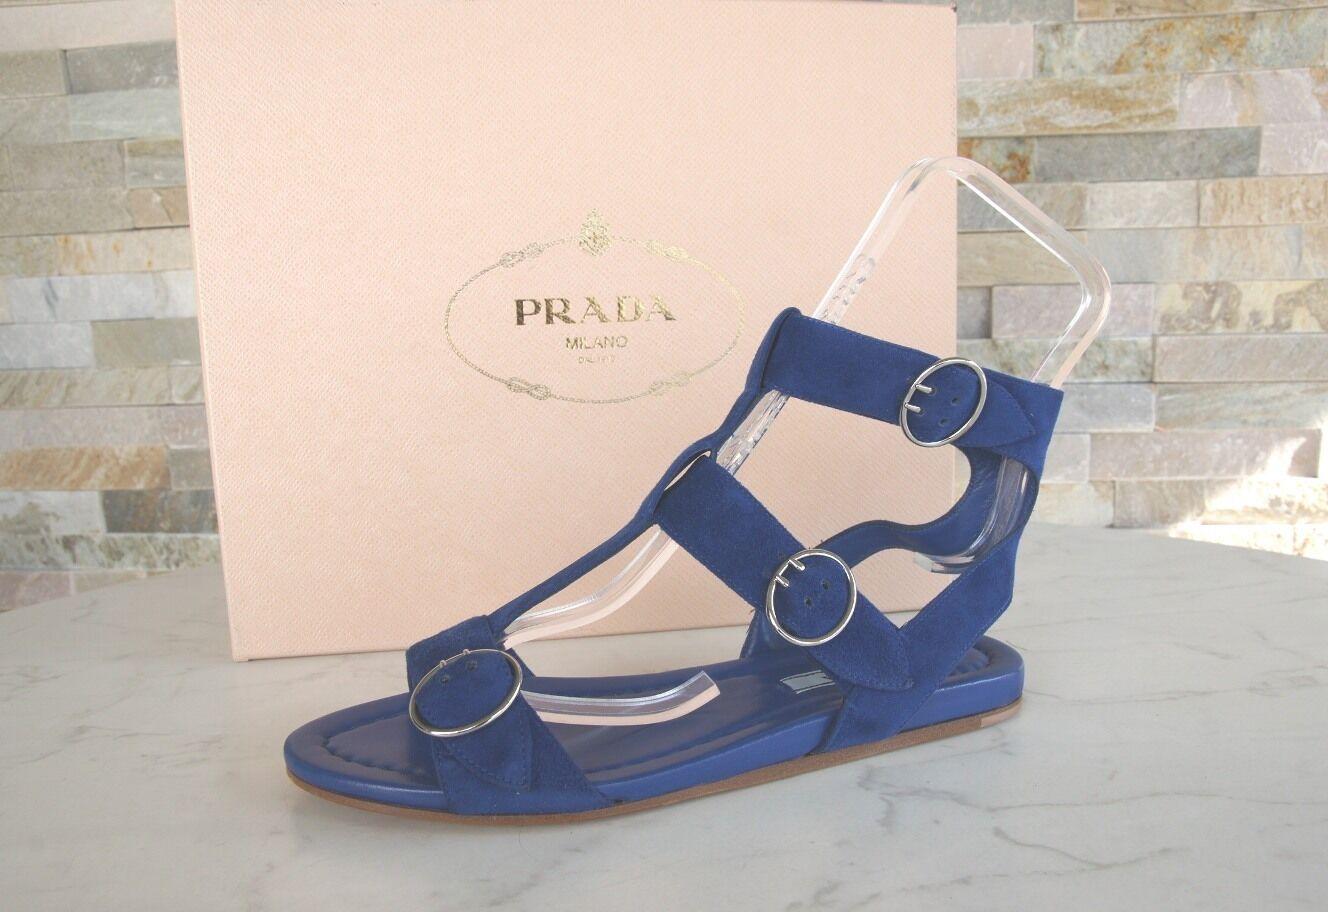 PRADA Dimensione  36 Sandals Strap Sandals scarpe Goat Leather blu Nuovo precedentemente  risparmia fino al 70%